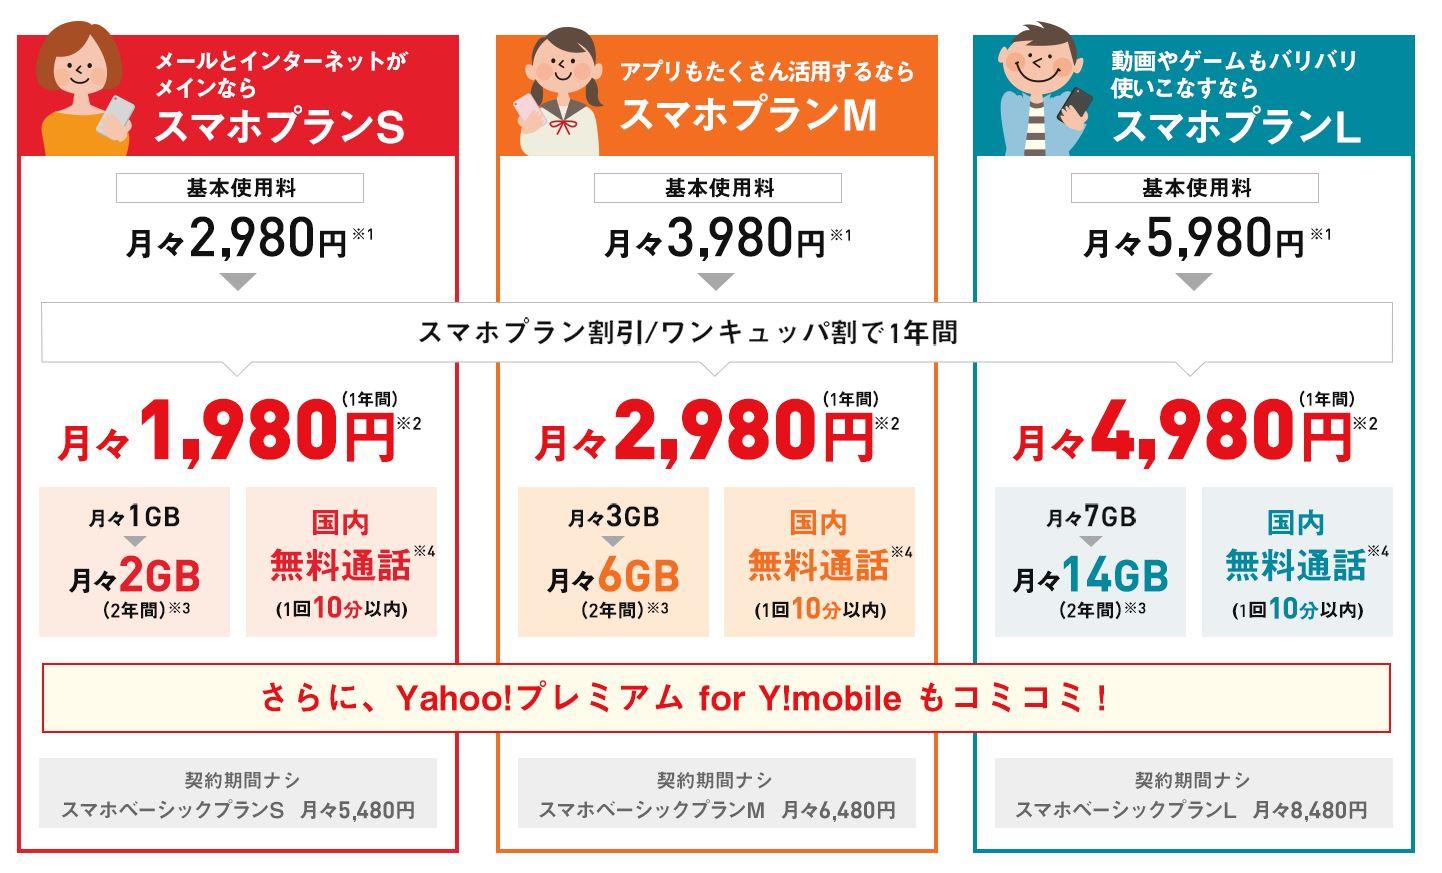 ワイモバイルのプランS,プランM.プランLの内容と料金一覧